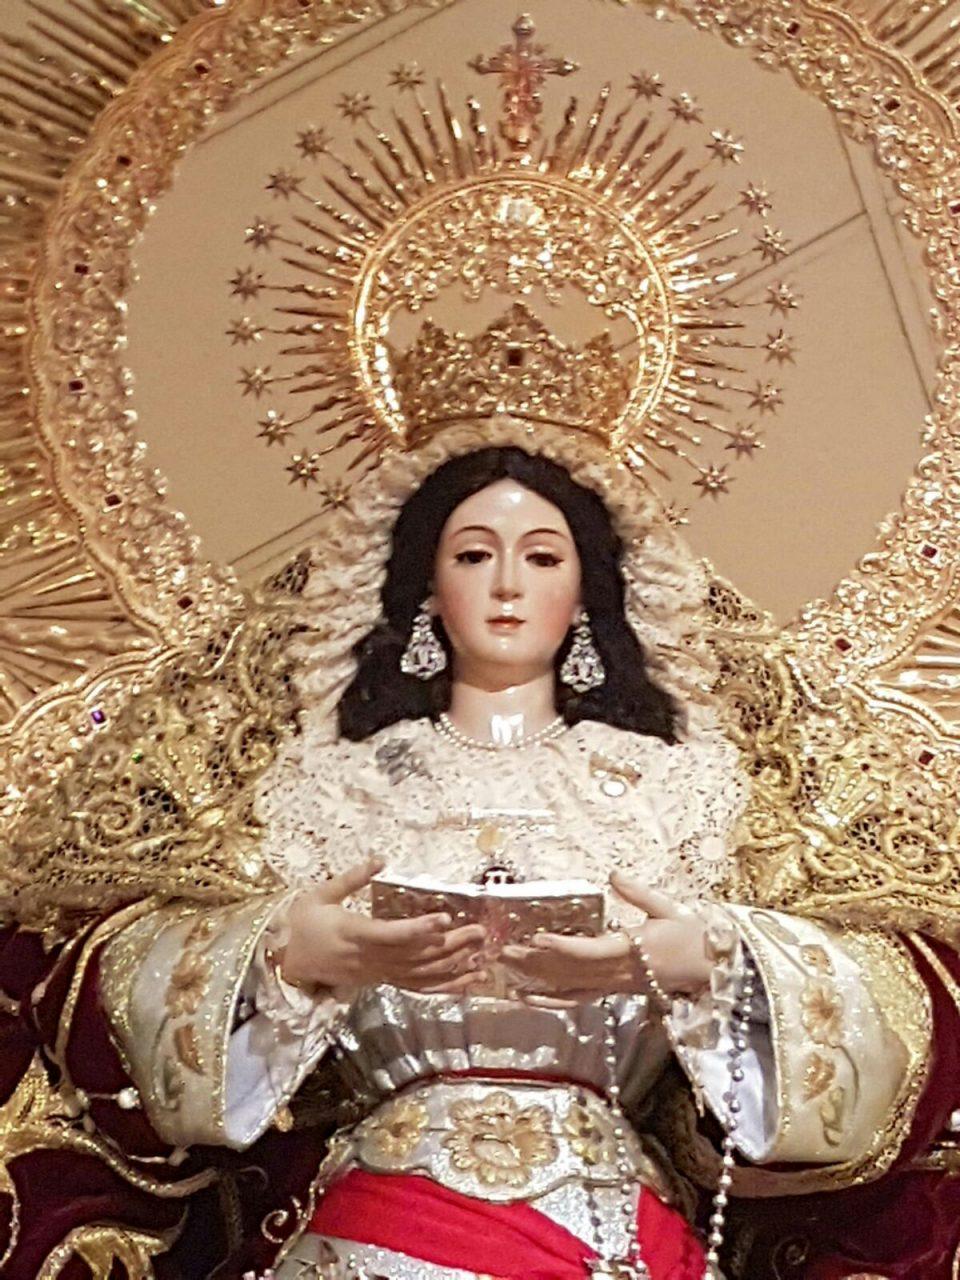 Ntra. Sra. de la Anunciación